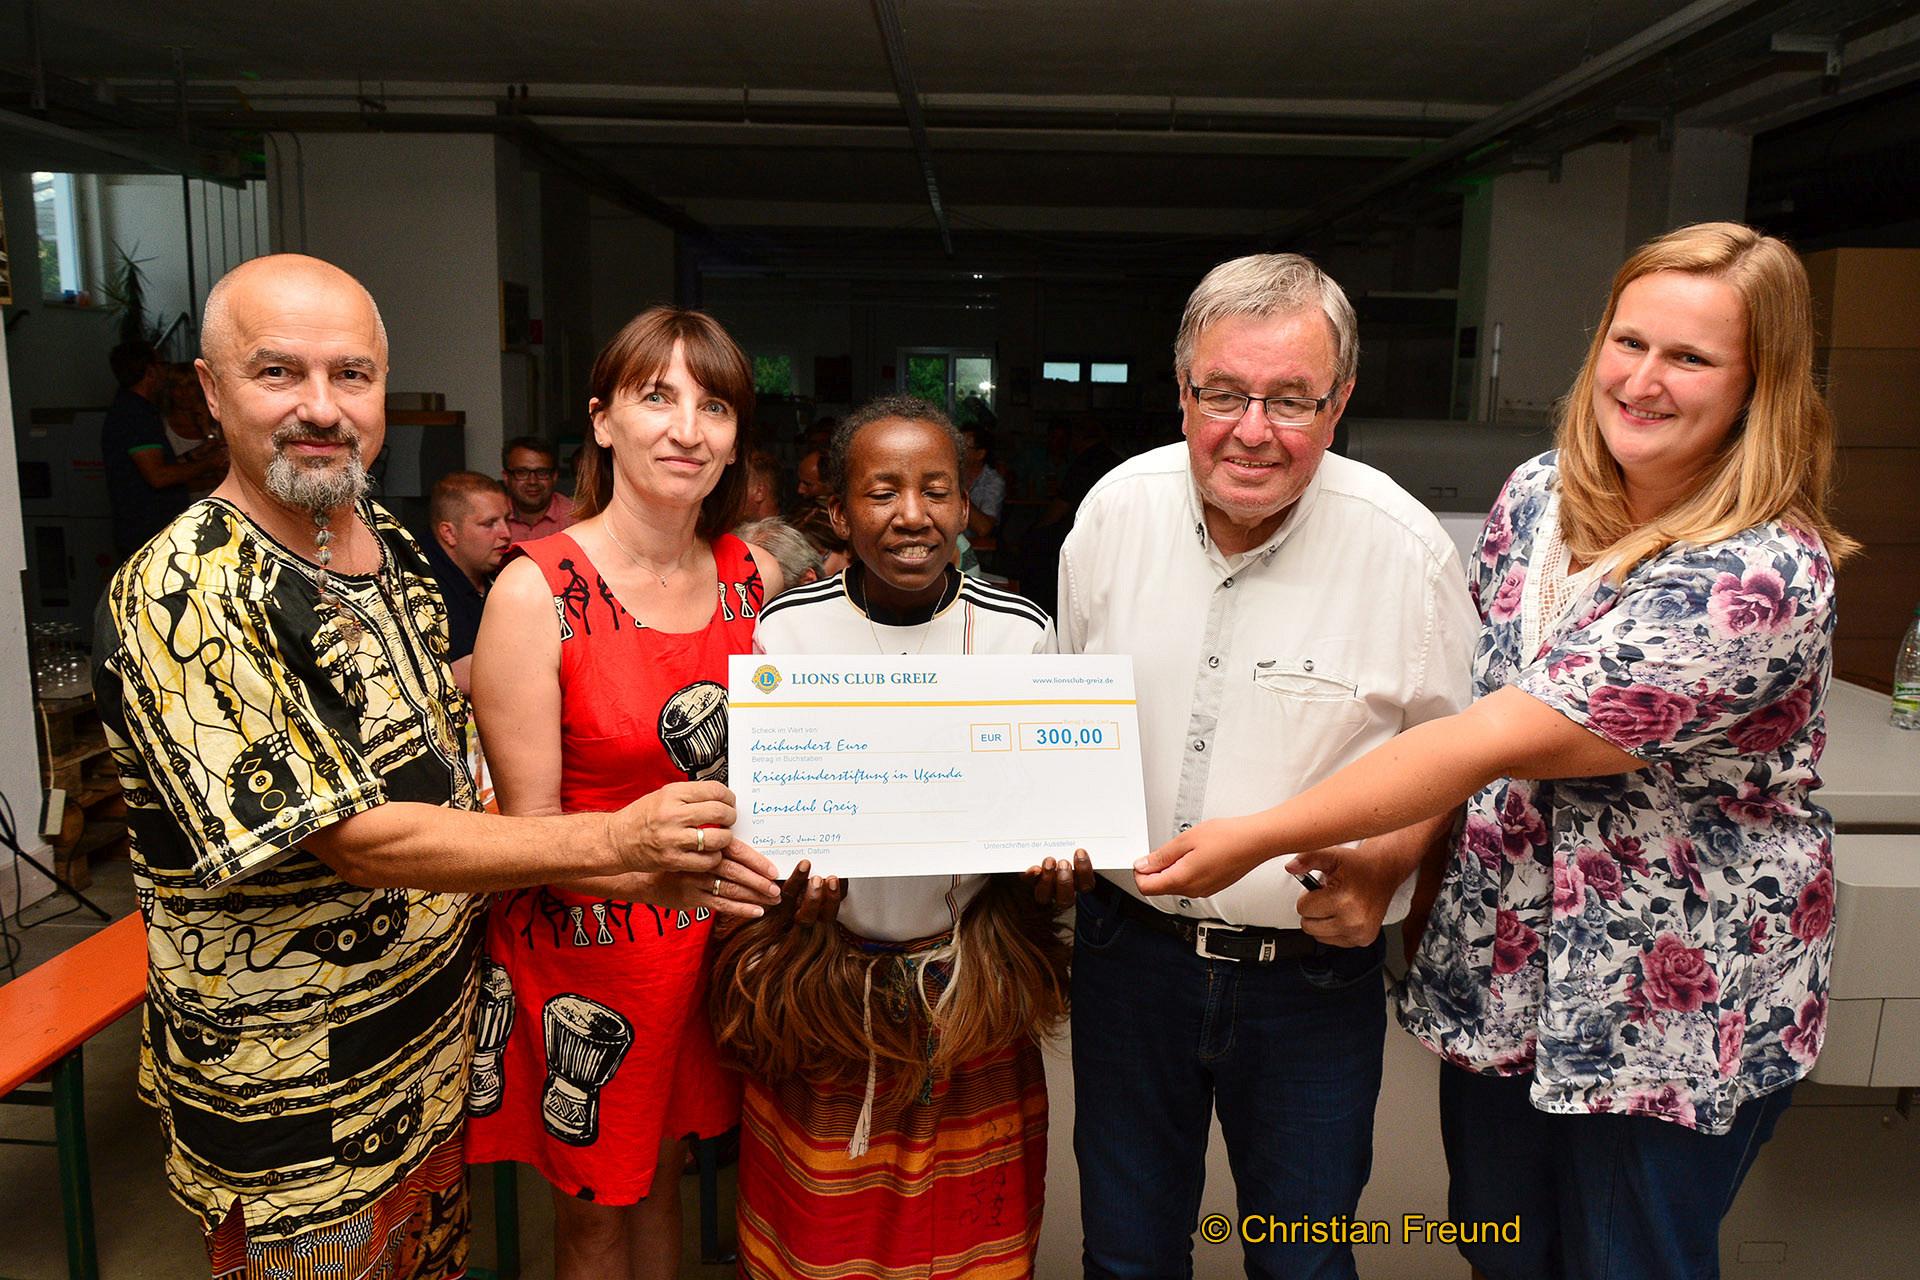 Eine Spende in Höhe von 300 Euro übergab der Präsident des Greizer Lions Club, Peter Kniebel (4.von links), an Sandra Steiner (5. von links), die sich im Rahmen einer Stiftung um Kriegskinder in Uganda kümmert im Beisein von Silvia Namukasa (3.von links) aus Uganda, Annett und Michael Rischer.